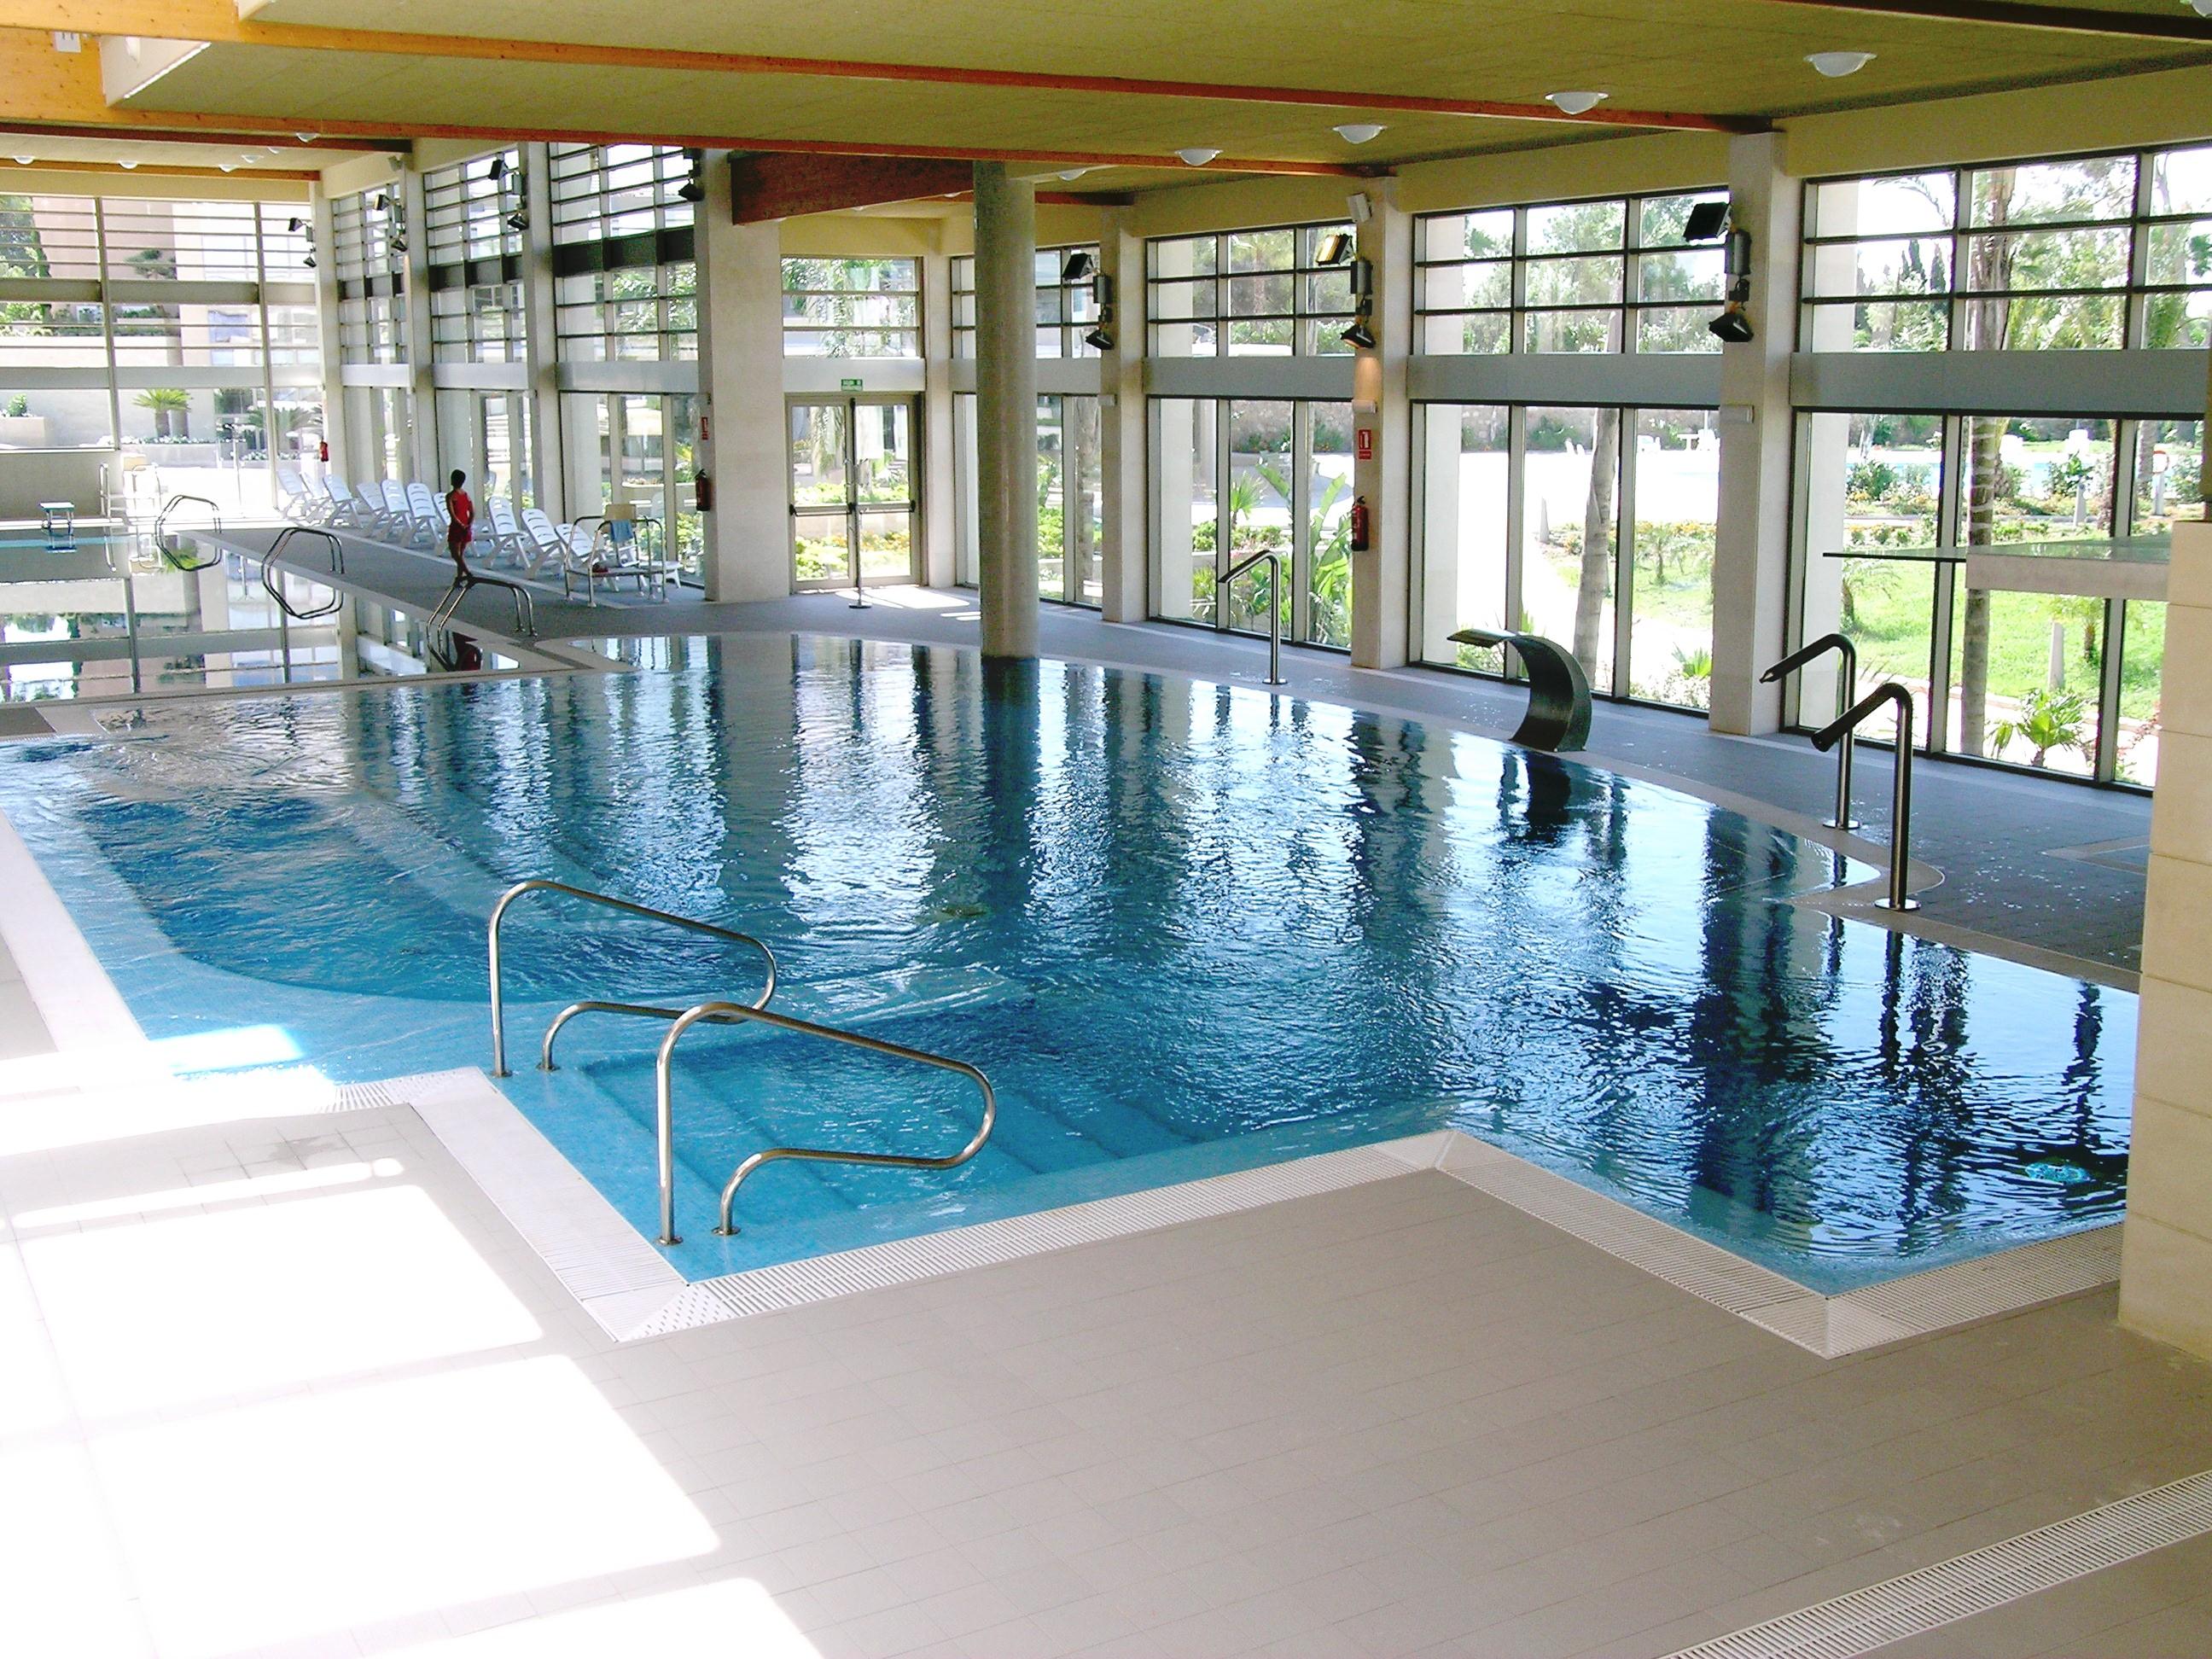 Fotos de piscinas grandes durante la temporada de verano for Piscinas publicas valencia